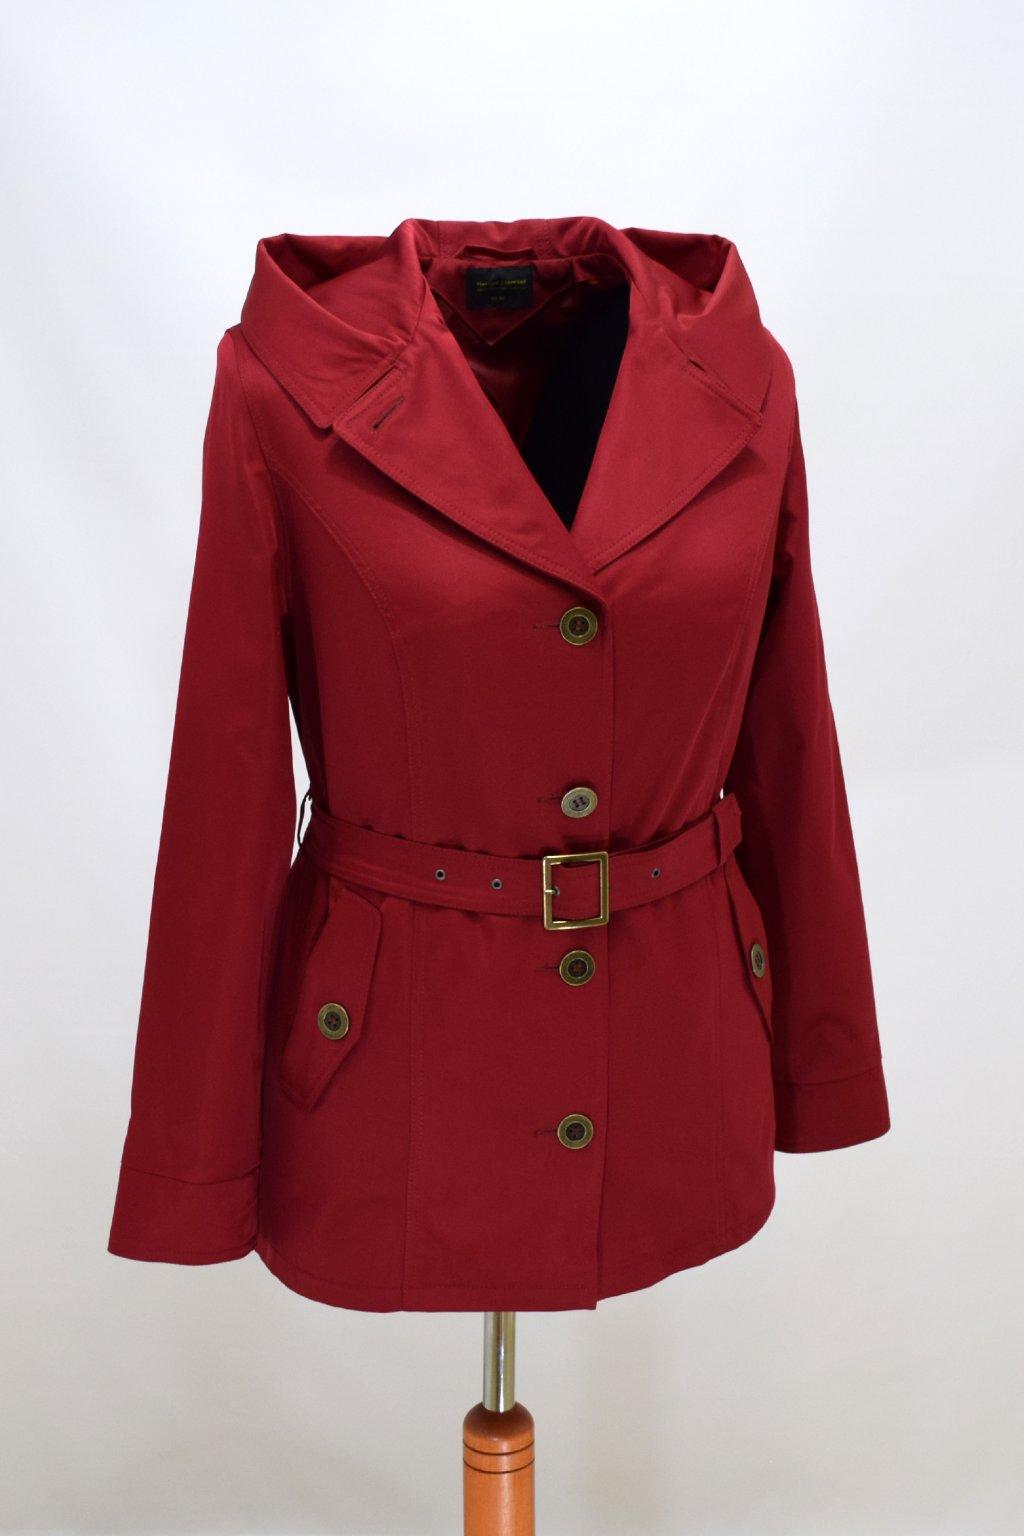 Dámský bordo jarní kabátek Eva nadměrné velikosti.